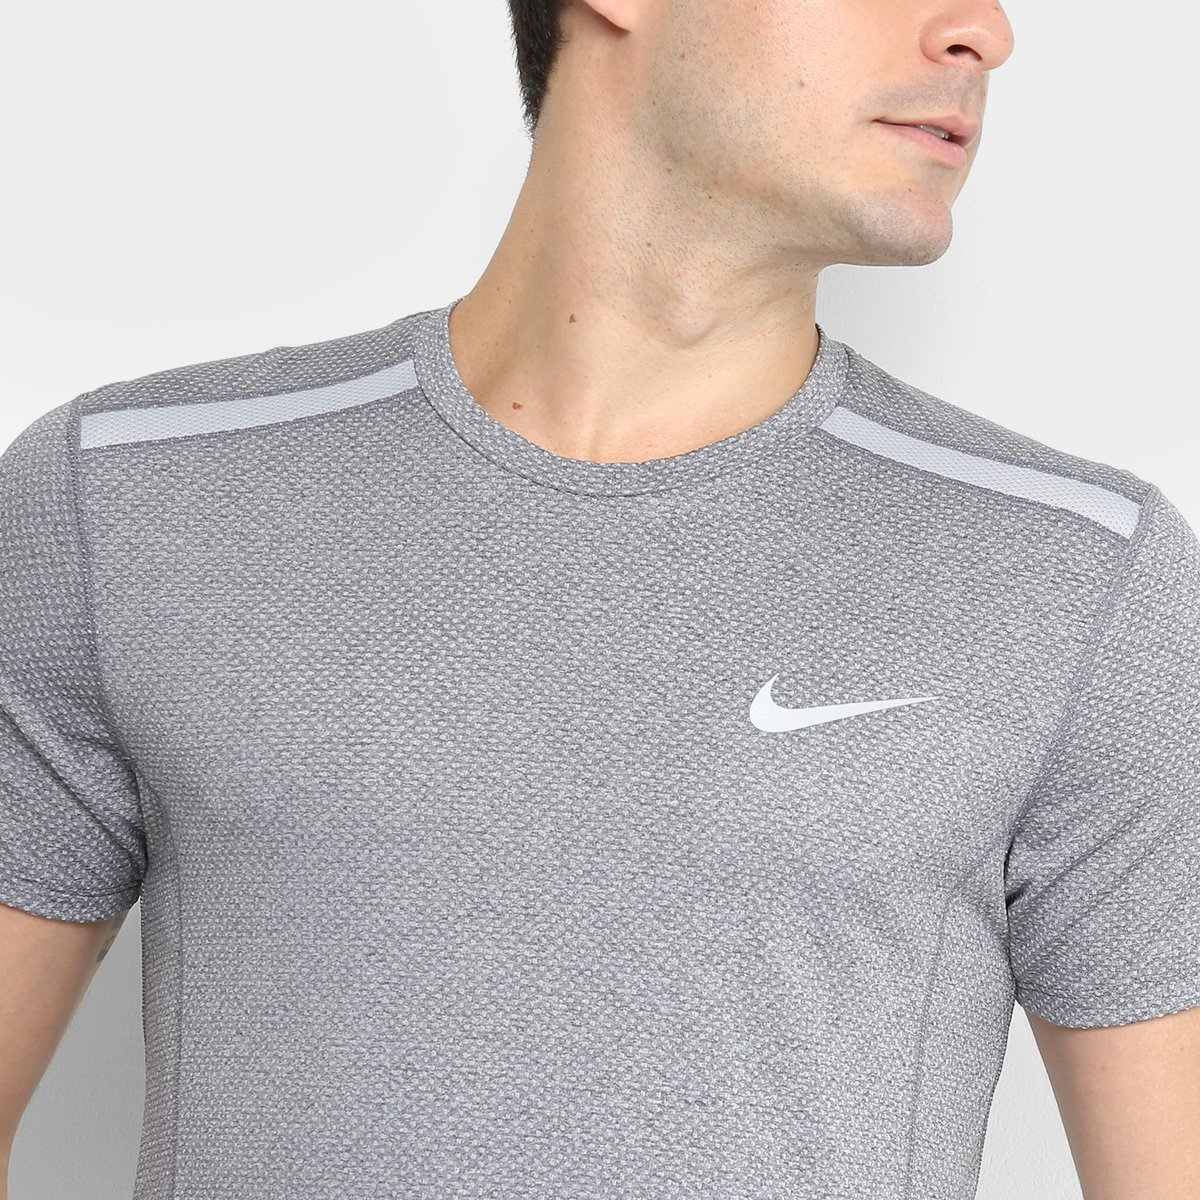 a16837e40d Camiseta Nike Dry Cool Miler SS Masculina - Cinza - Compre Agora ...